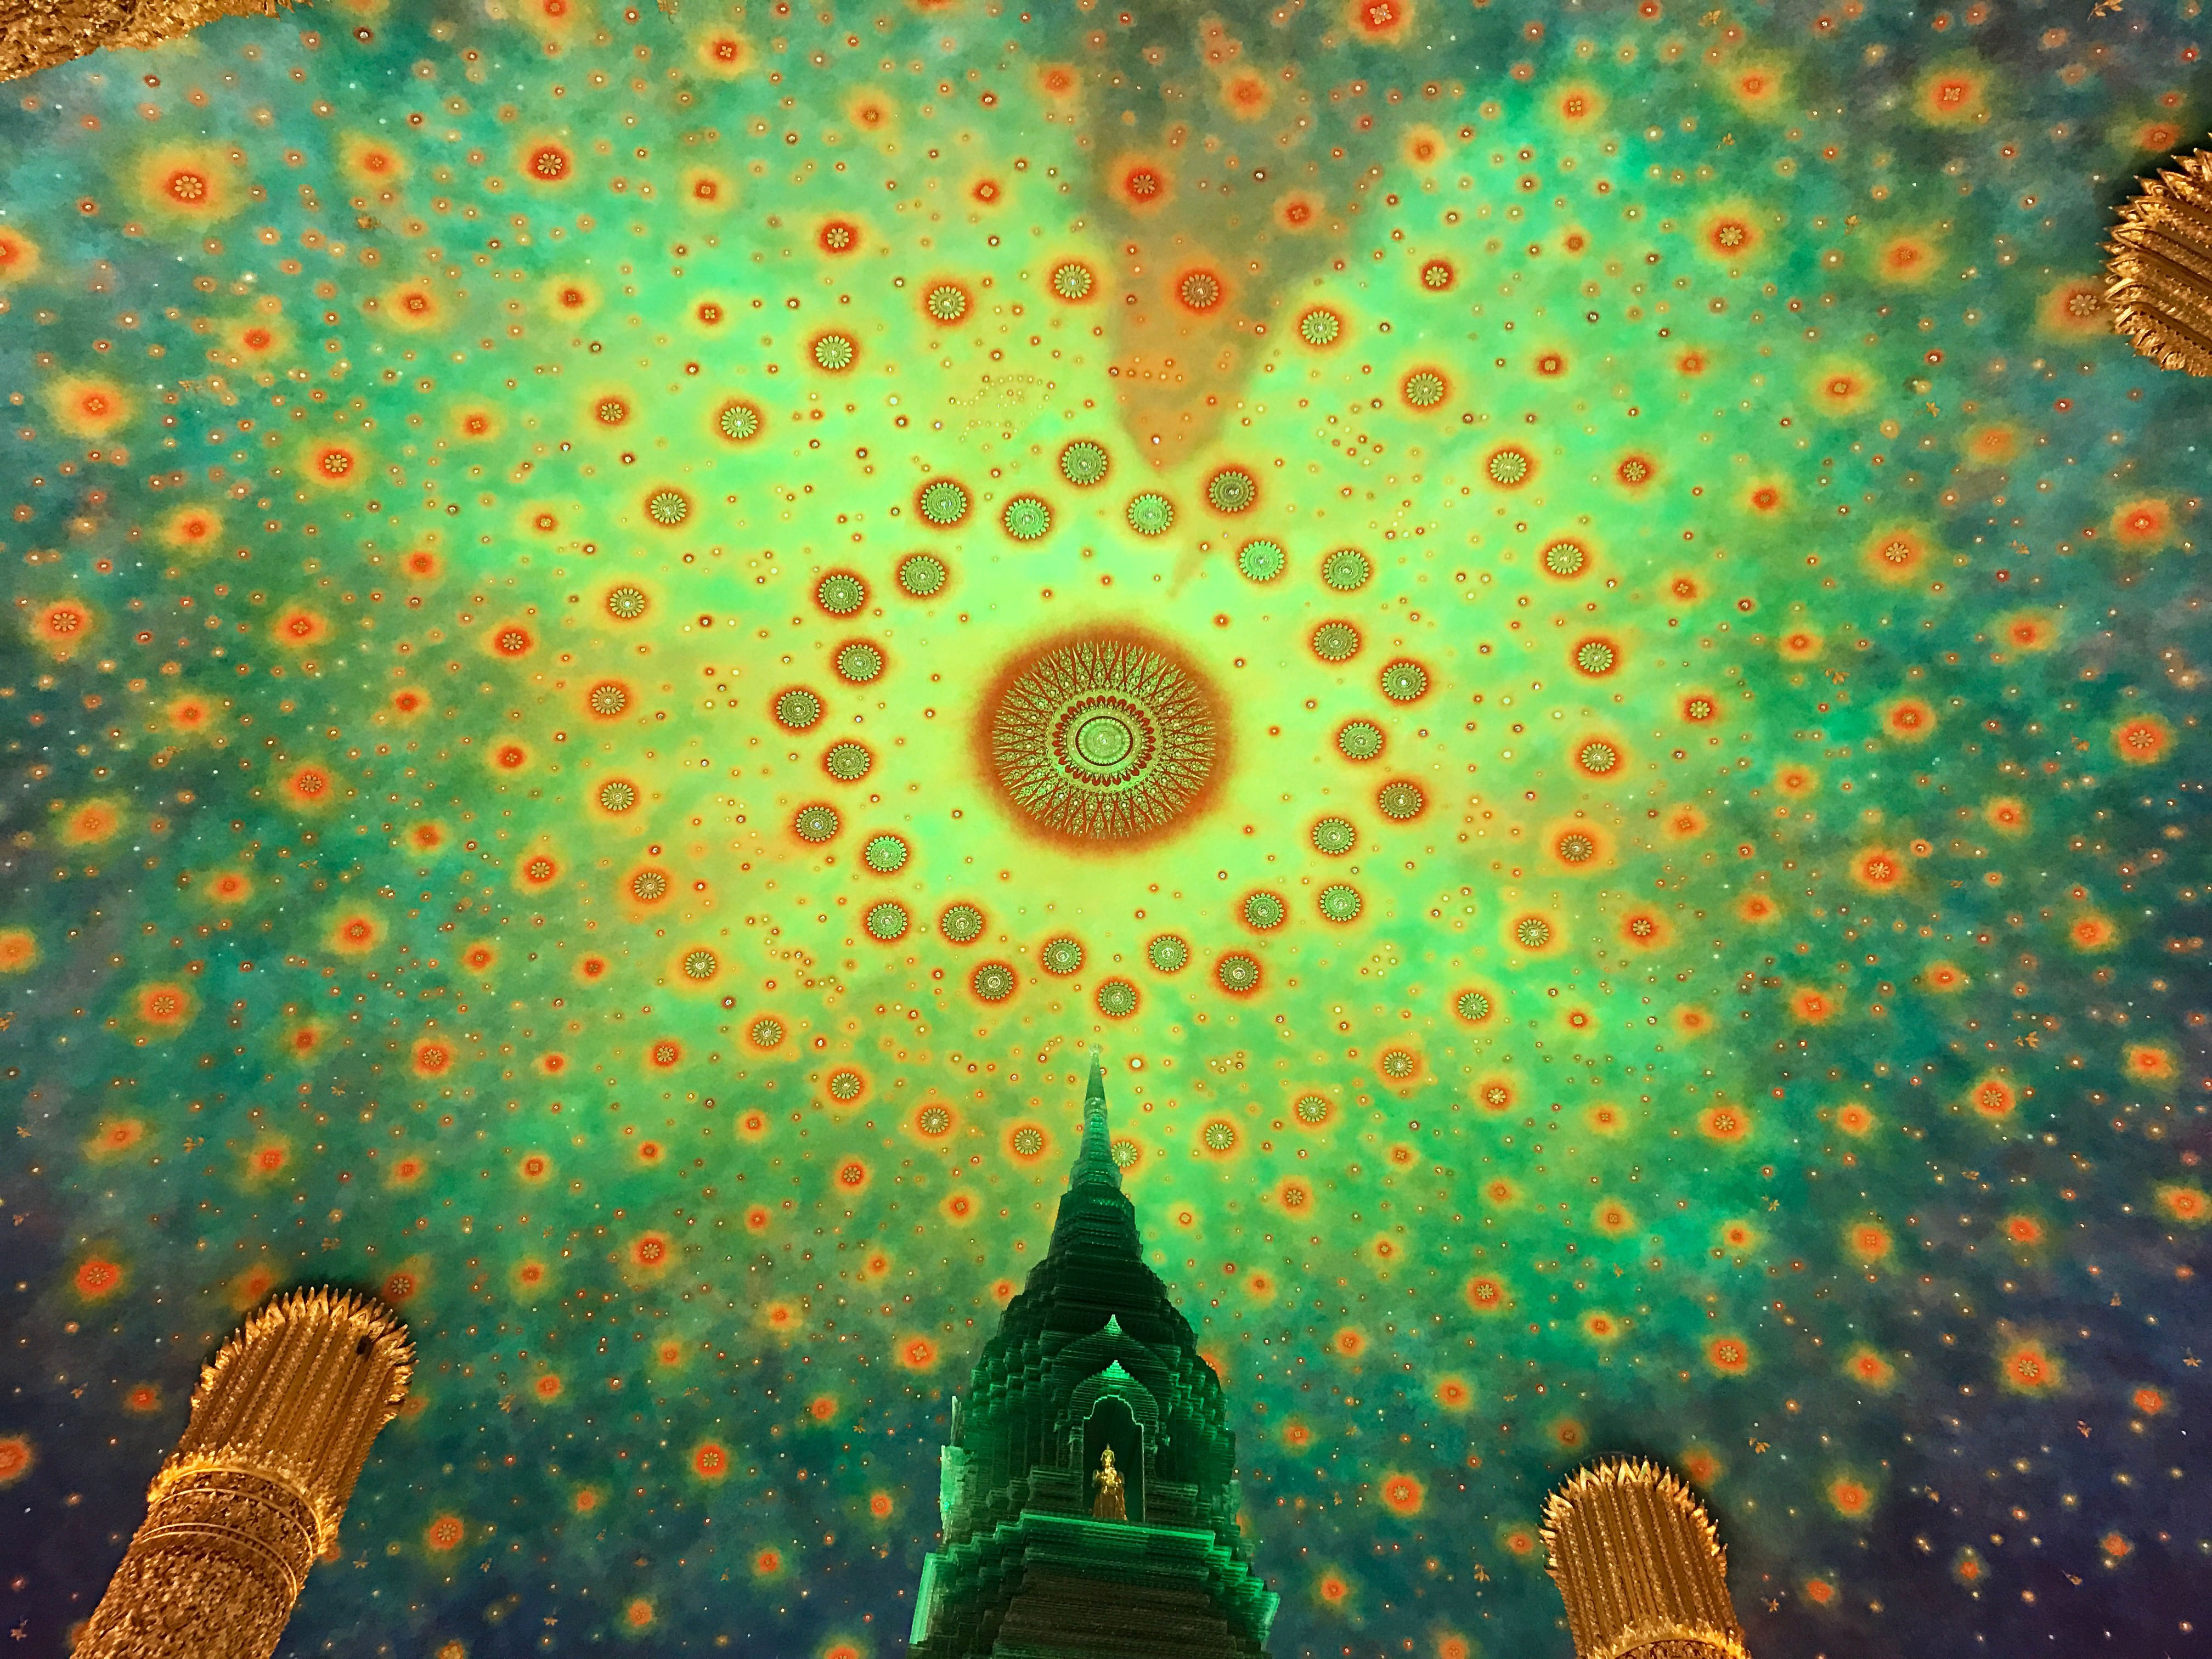 タイ旅行記⑦「美しすぎる幻想的な絶景!ワットパクナムへ」